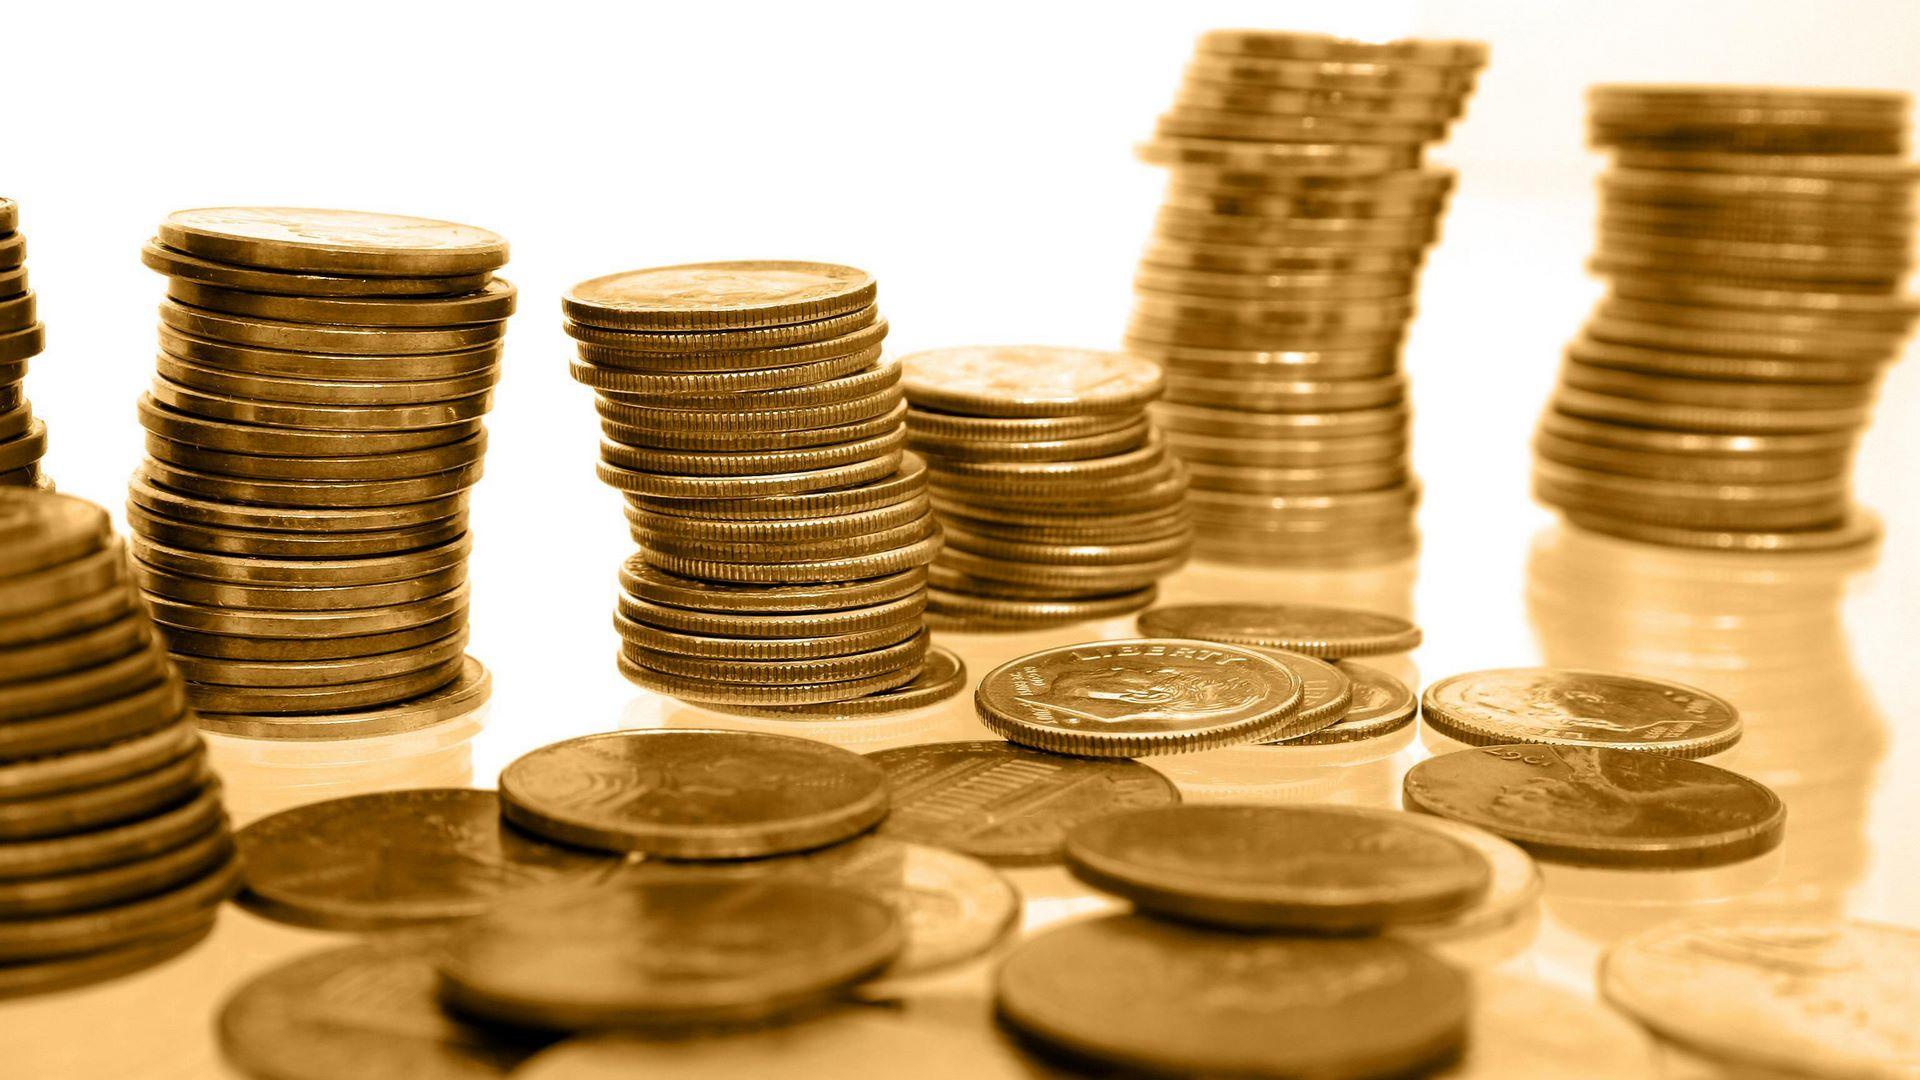 قیمت سکه، قیمت سکه امامی و قیمت نیمسکه